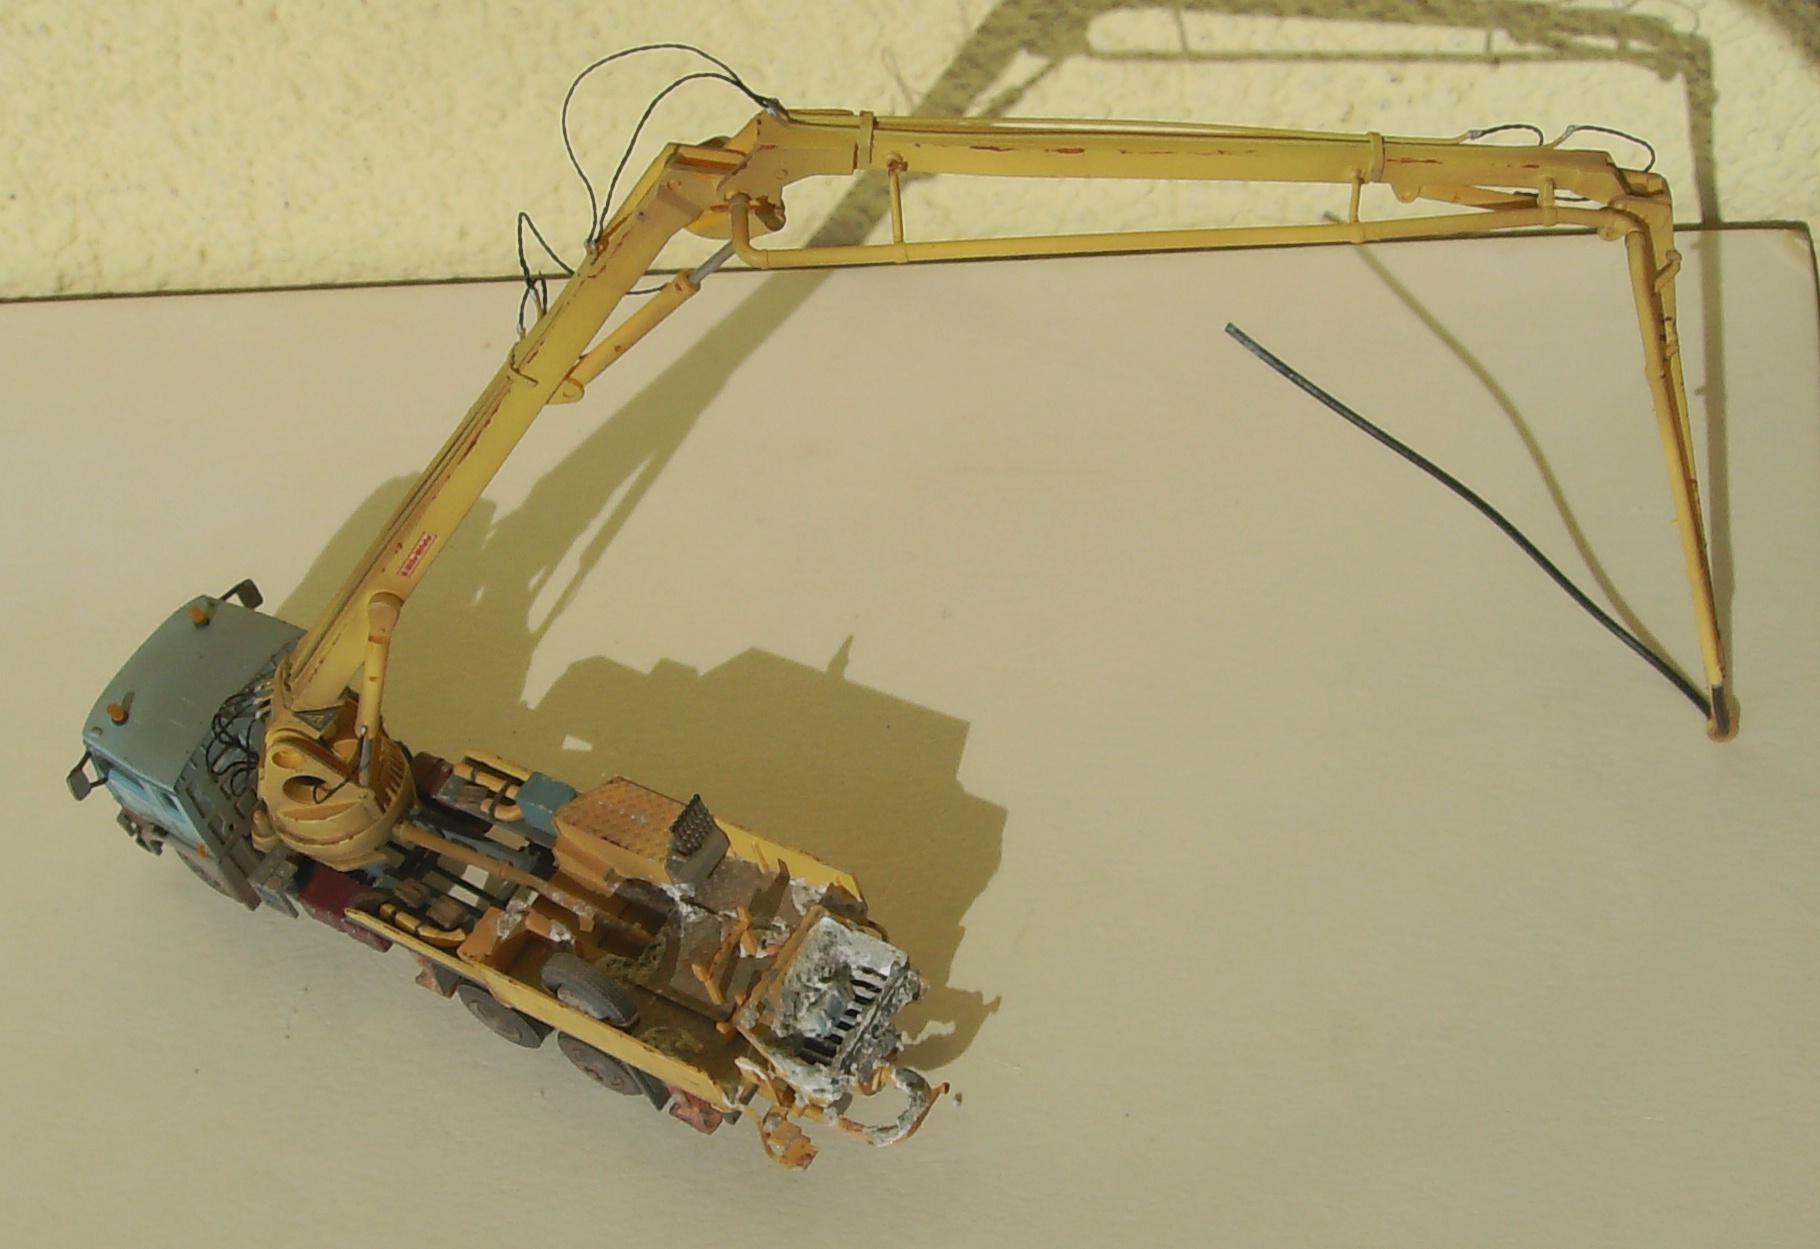 HPIM8550 (2).JPG